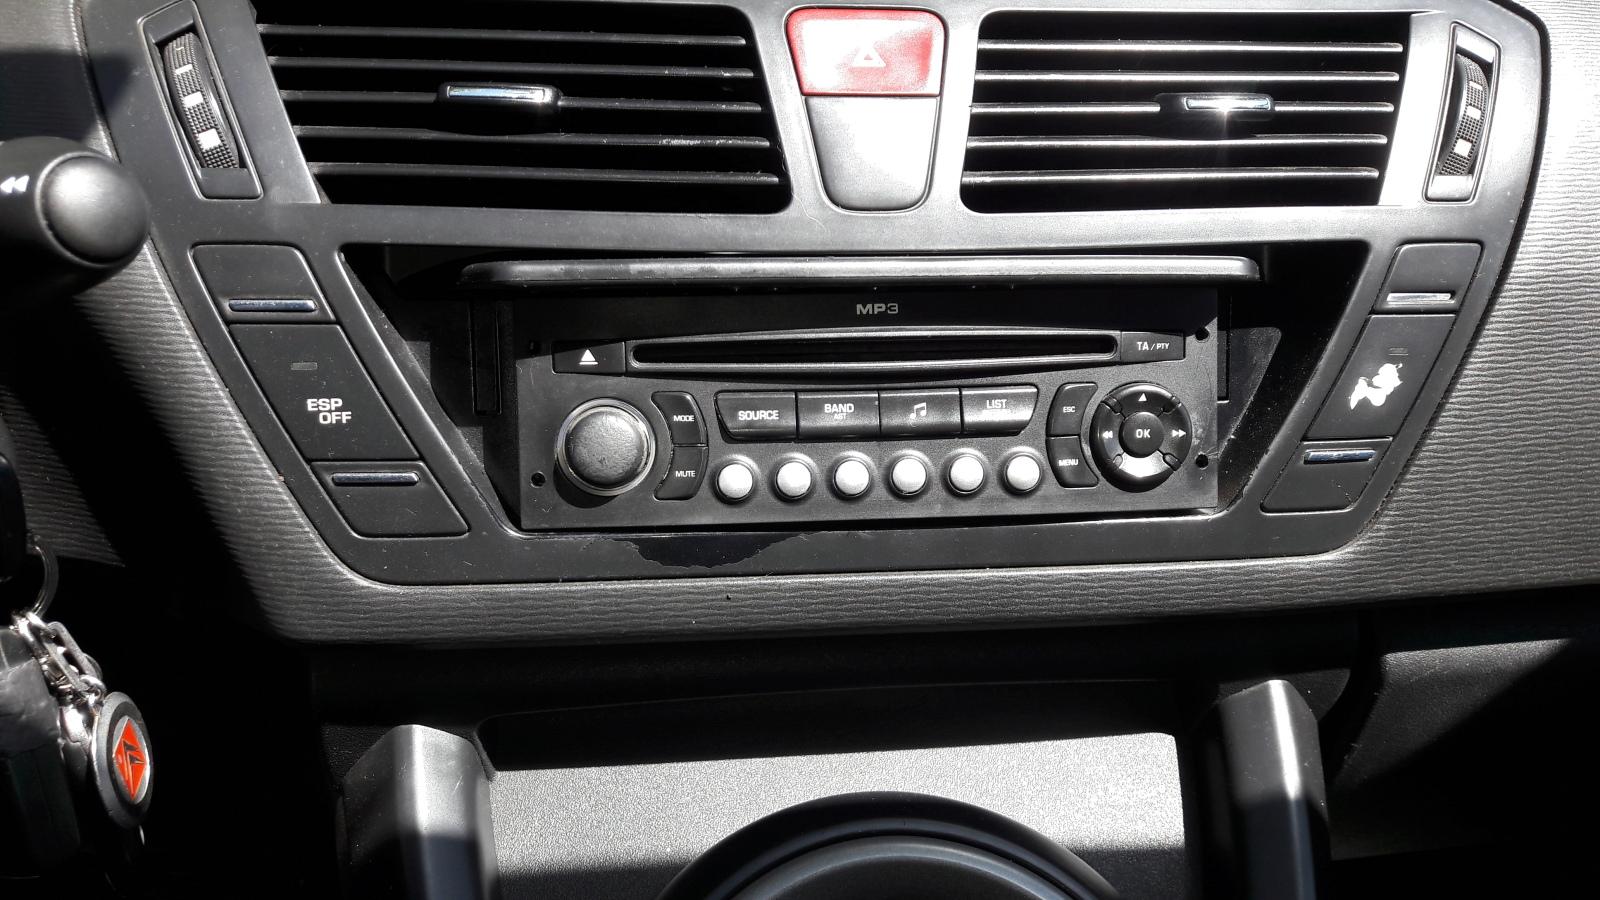 PROBLEMA CON LA PANTTALLA (NO APARECE CONSUMO NI LA RADIO) Ztbwrb